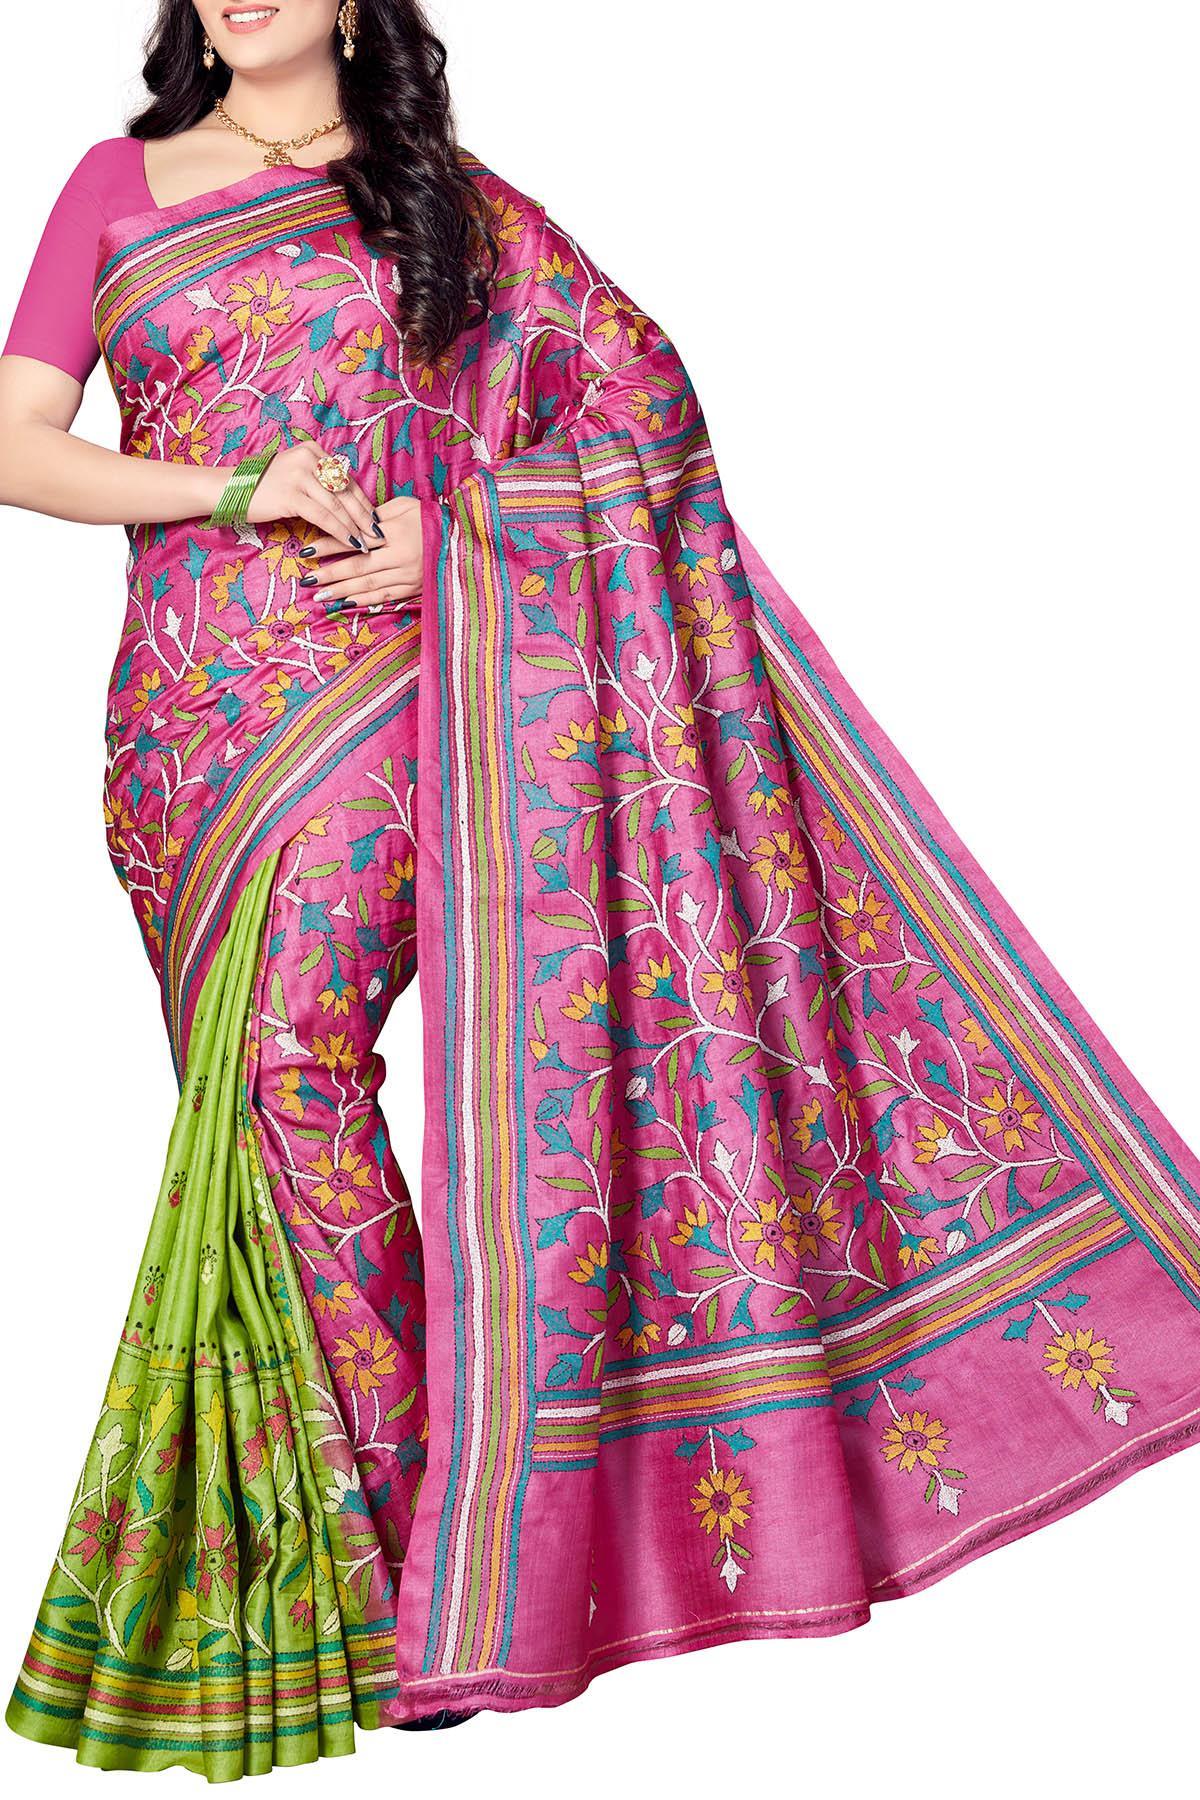 1418c40bec2 Hot Pink   Green Floral Nakshi Kantha Tussar Silk Saree - Kantha ...